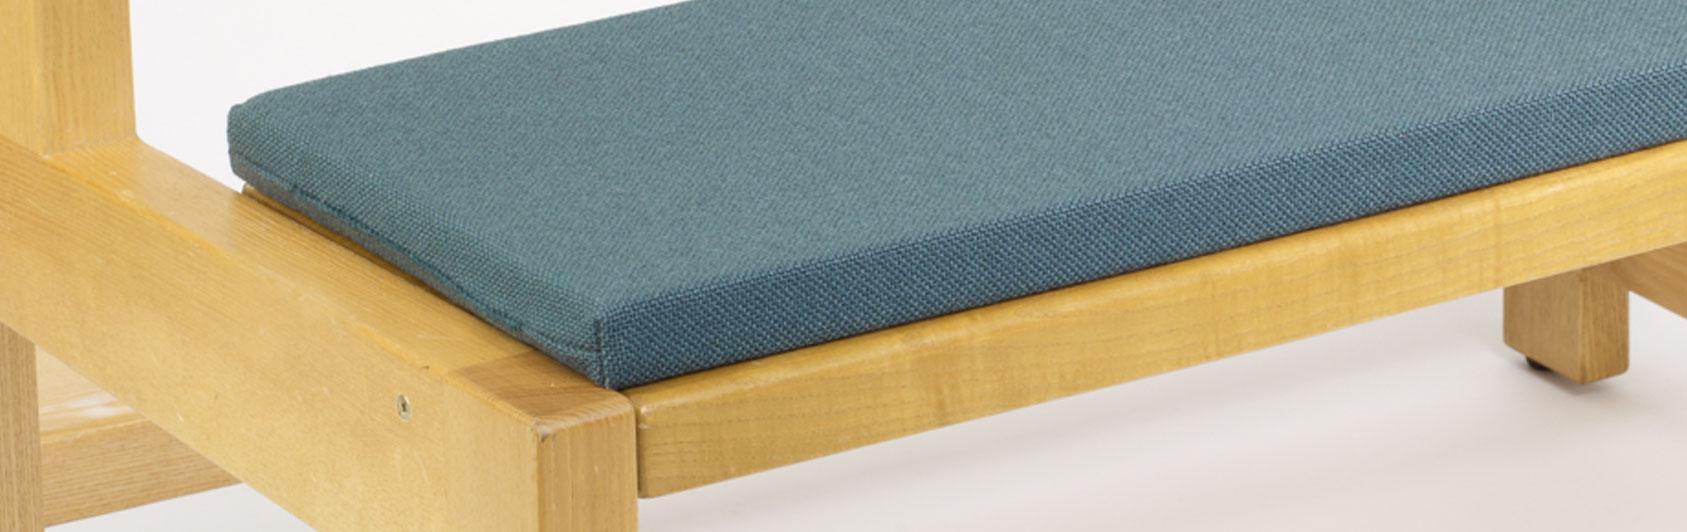 banque échantillon coussin Bankauflage Simplex code couleur 7108 coleur turquoise